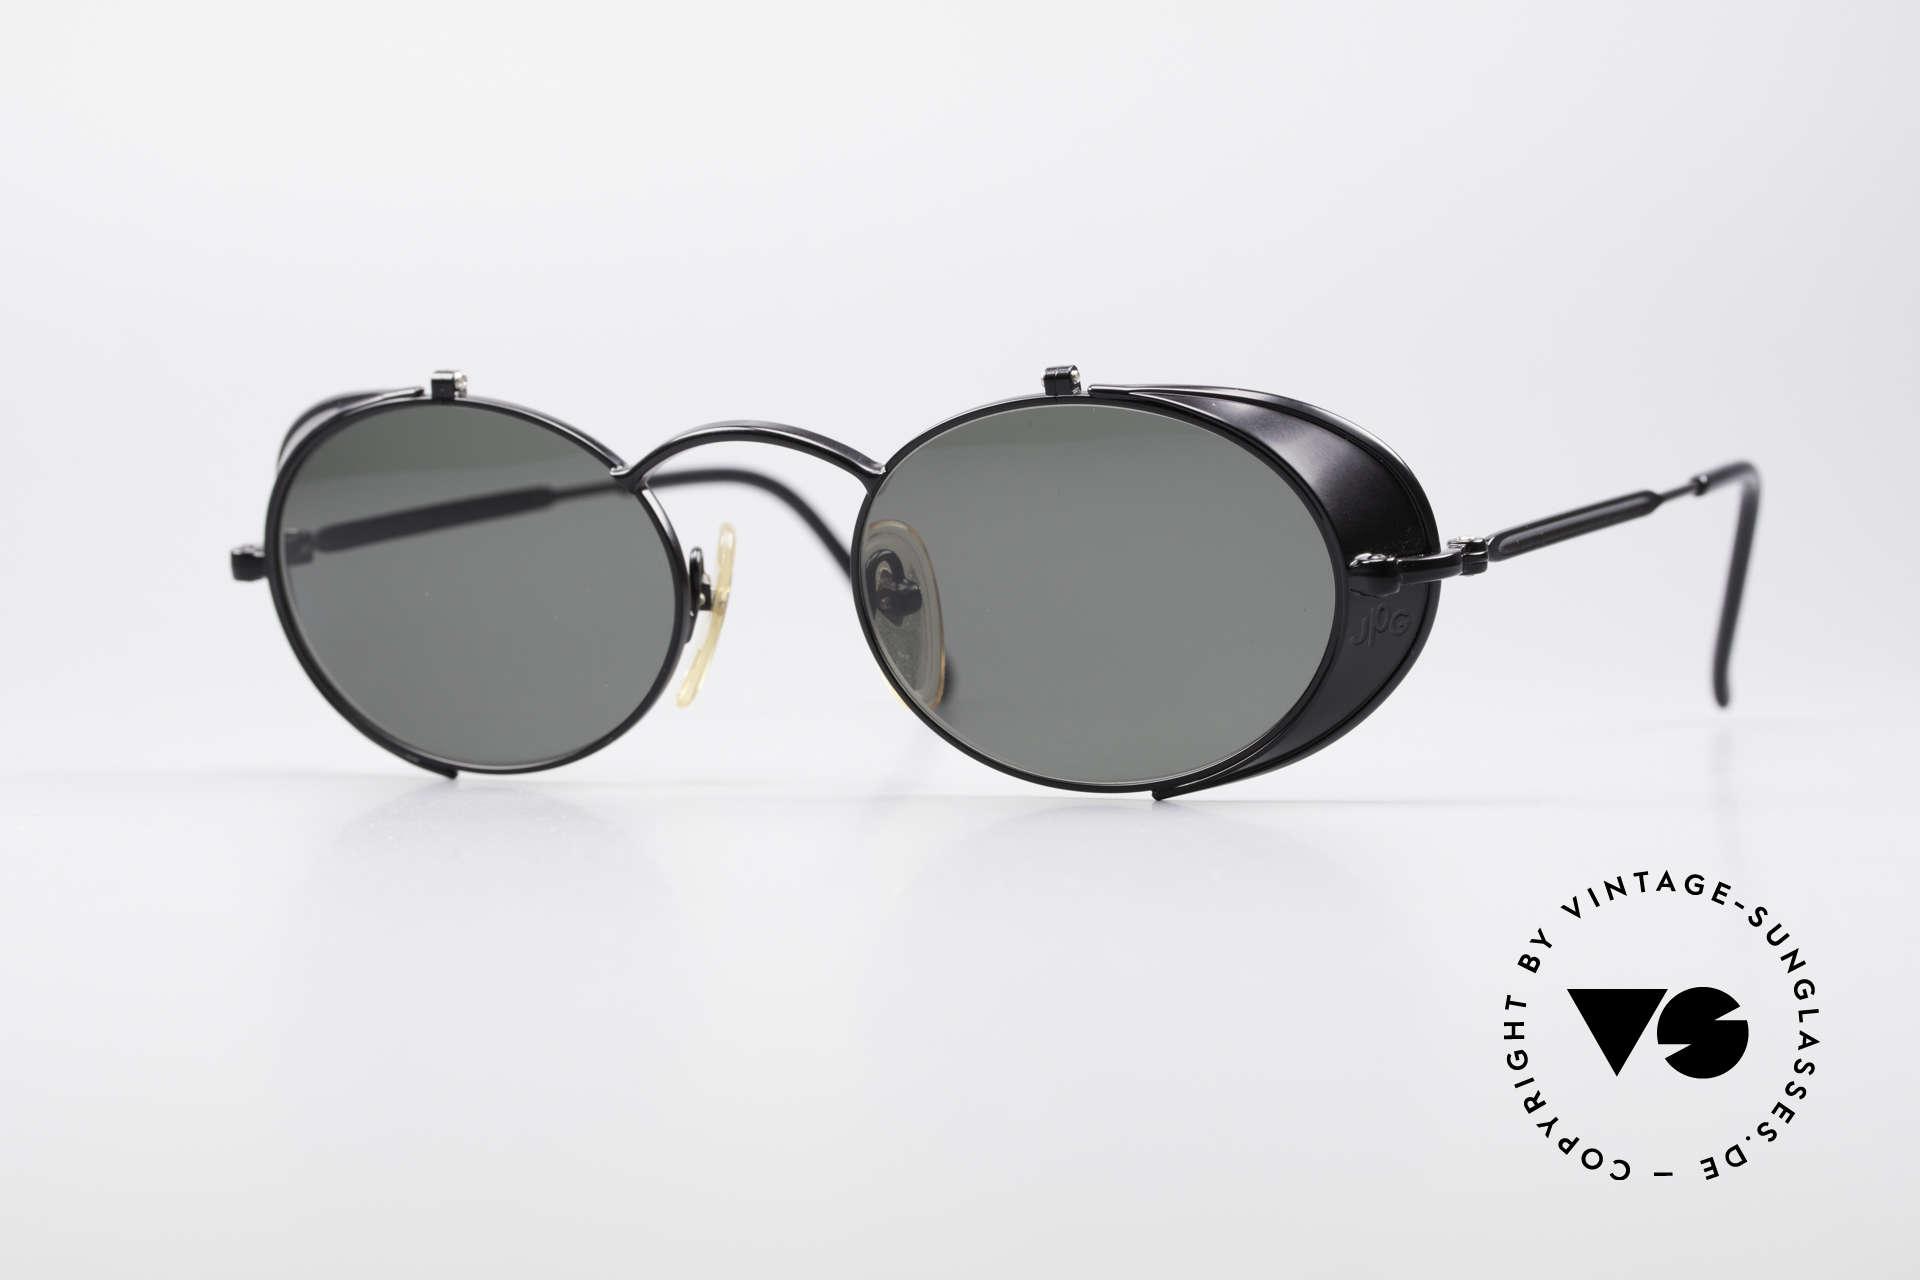 Jean Paul Gaultier 56-1175 Seitenscheiben Sonnenbrille, vintage GAULTIER Sonnenbrille aus den frühen 1990ern, Passend für Herren und Damen